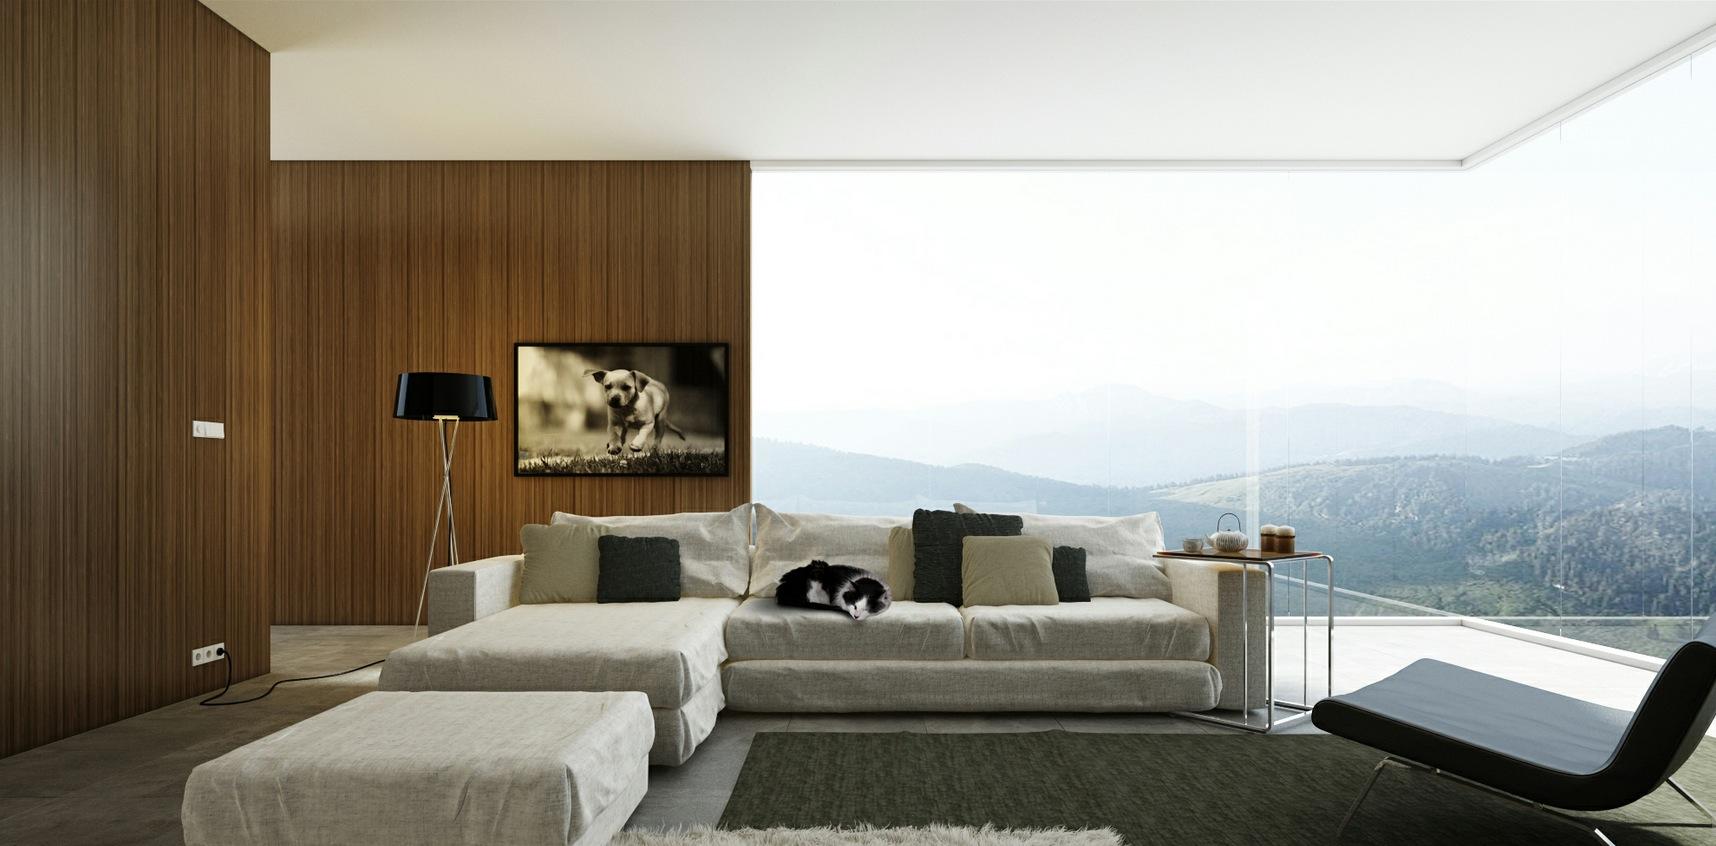 vetrata soggiorno : Soggiorni Moderni - Architettiamo Progetti OnLine